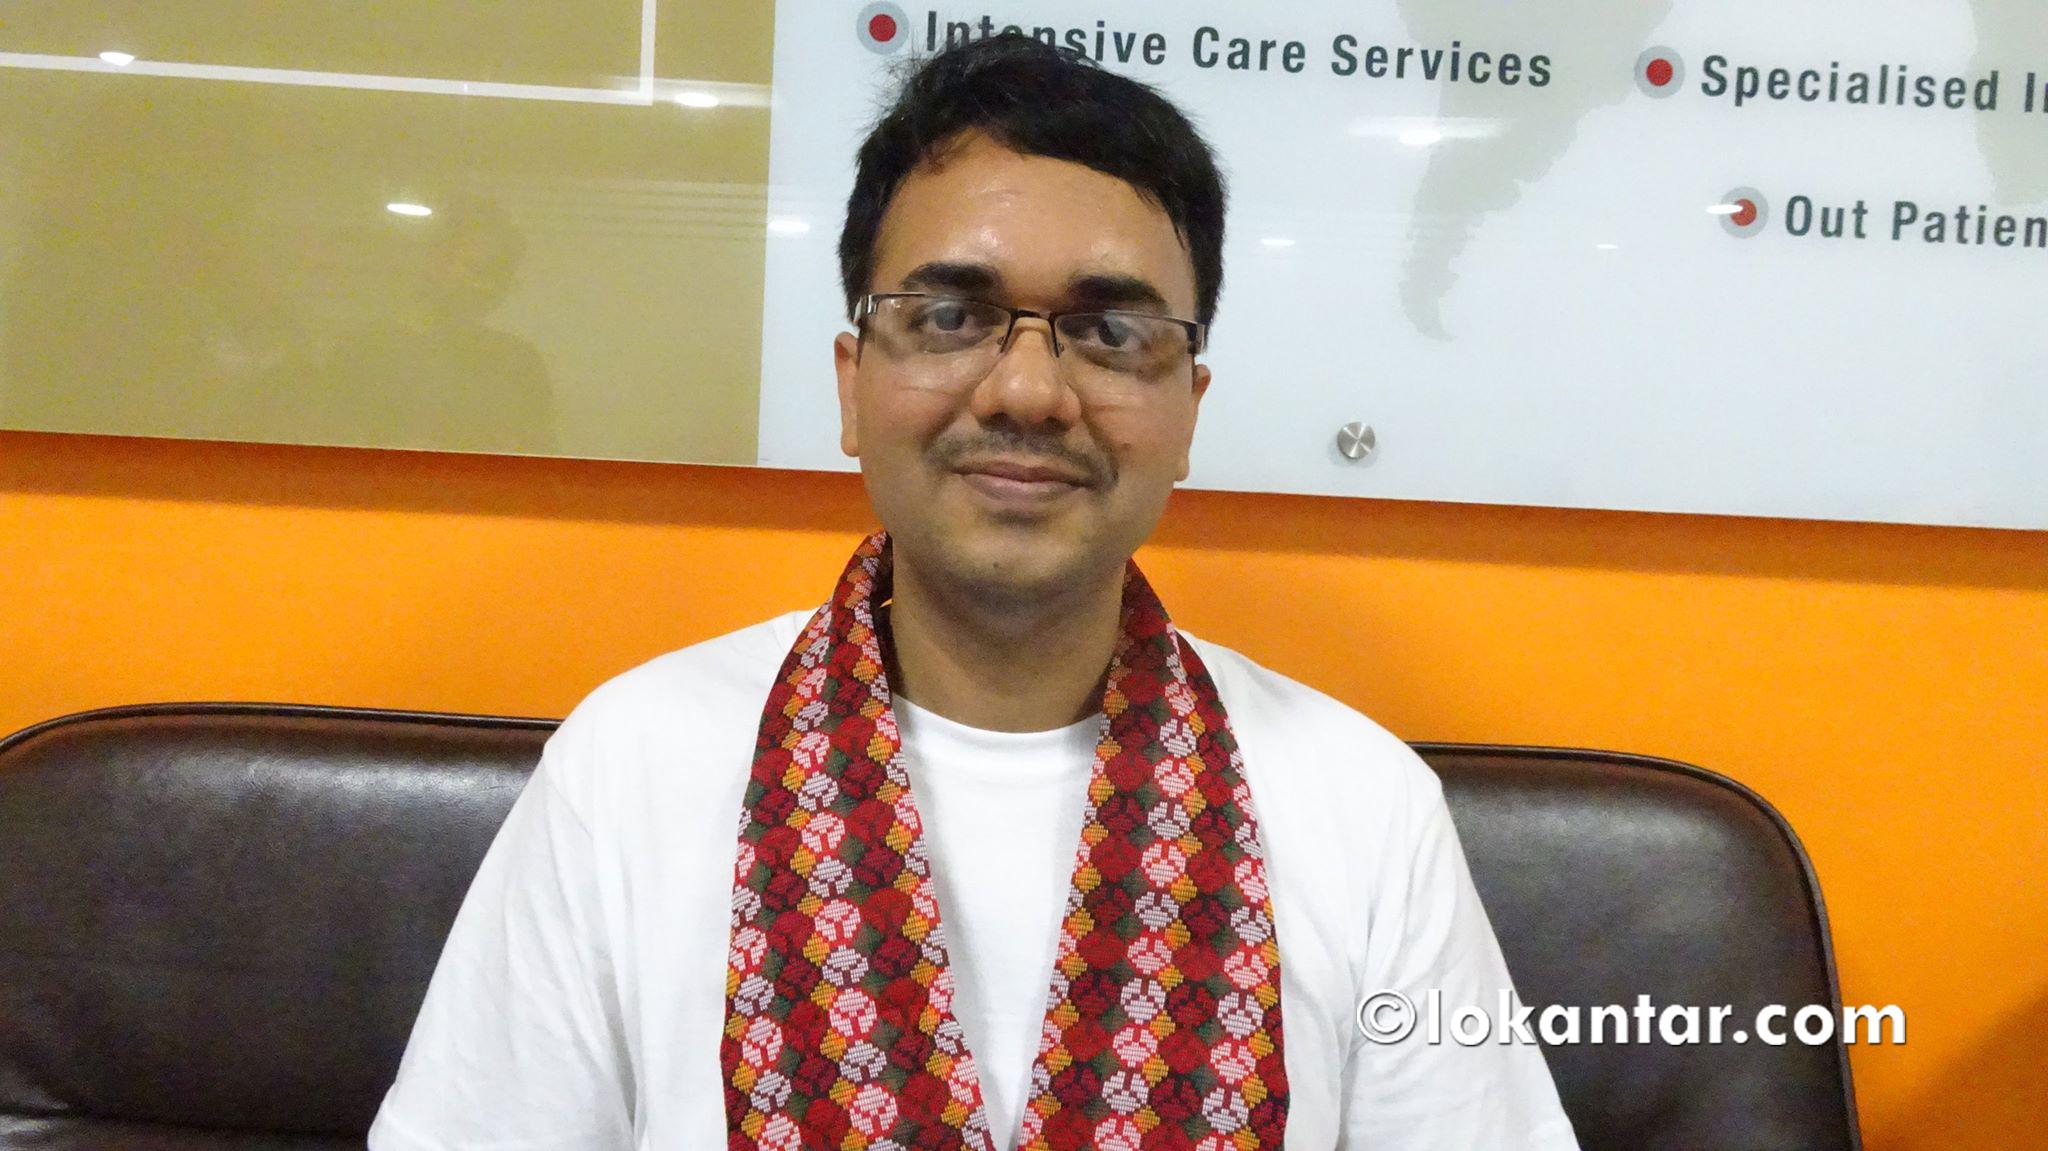 मुटुरोग विशेषज्ञ डा. ओममुर्ति अनिललका अनुसार-  मुटु रोगका प्रमुख लक्षणहरु यी हुन्